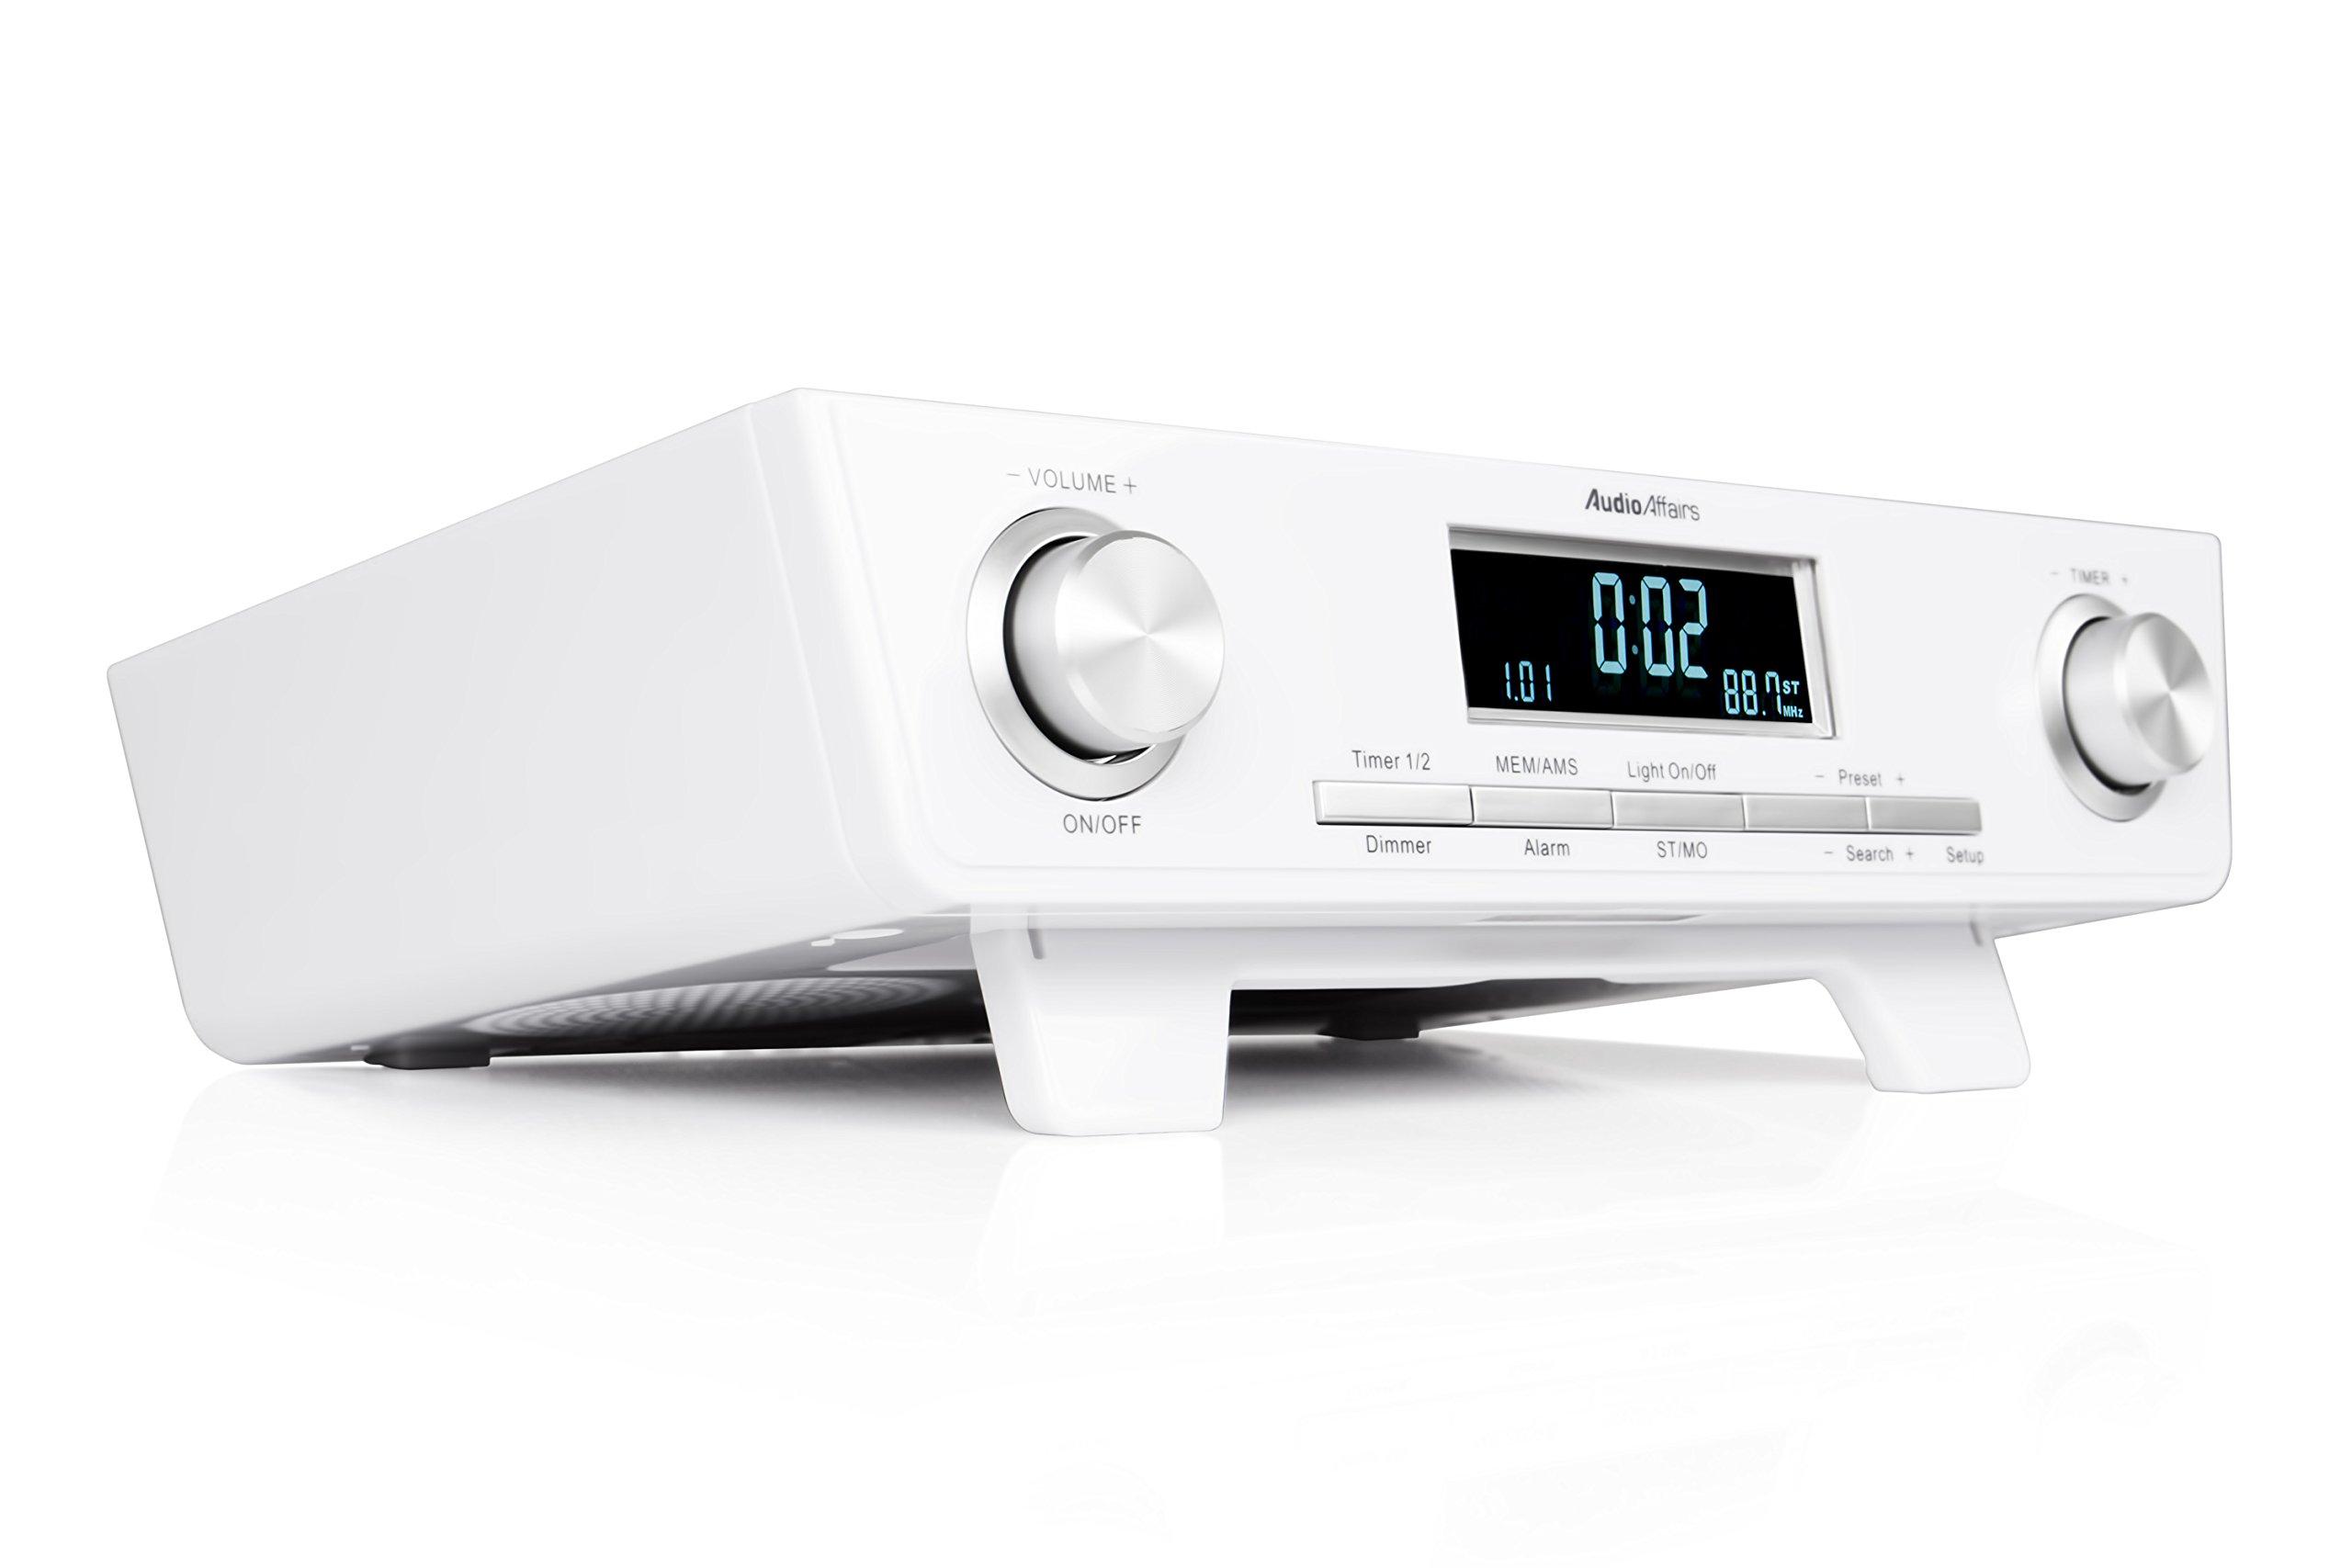 AudioAffairs KR 010 WH UKW FM Unterbau-Radio Küchenunterbauradio mit LED Licht, Unterschrank-Küchenradio und Back-Timer, Eieruhr weiß product image